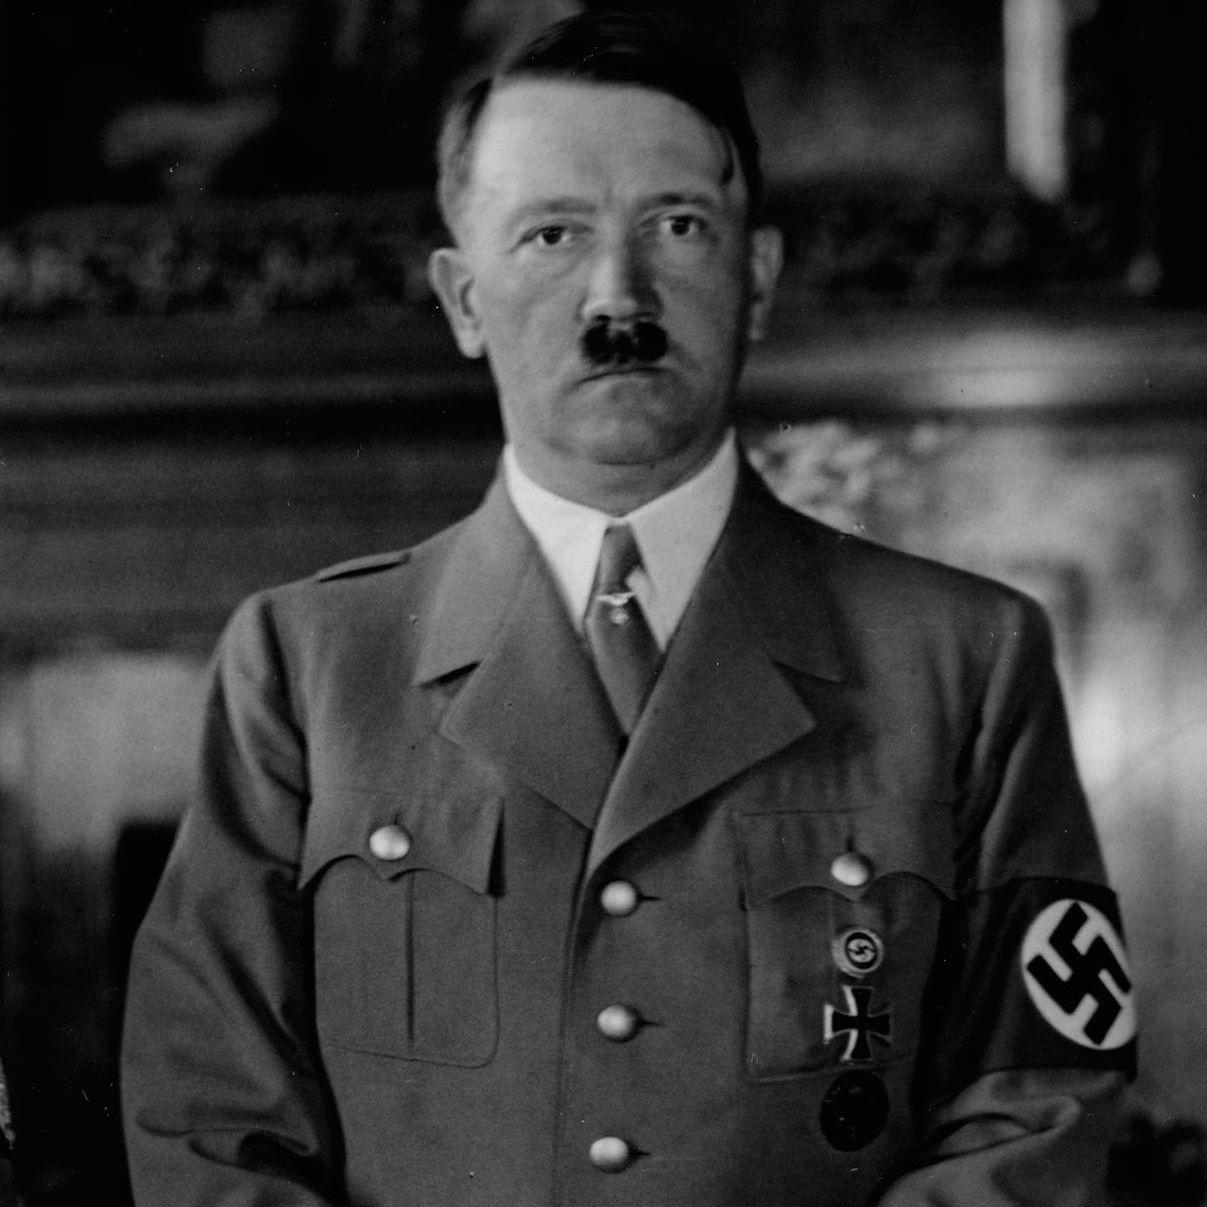 Hitler bardzo starał się, by prawda o jego pochodzeniu nie wyszła na światło dzienne. Co usiłował ukryć?